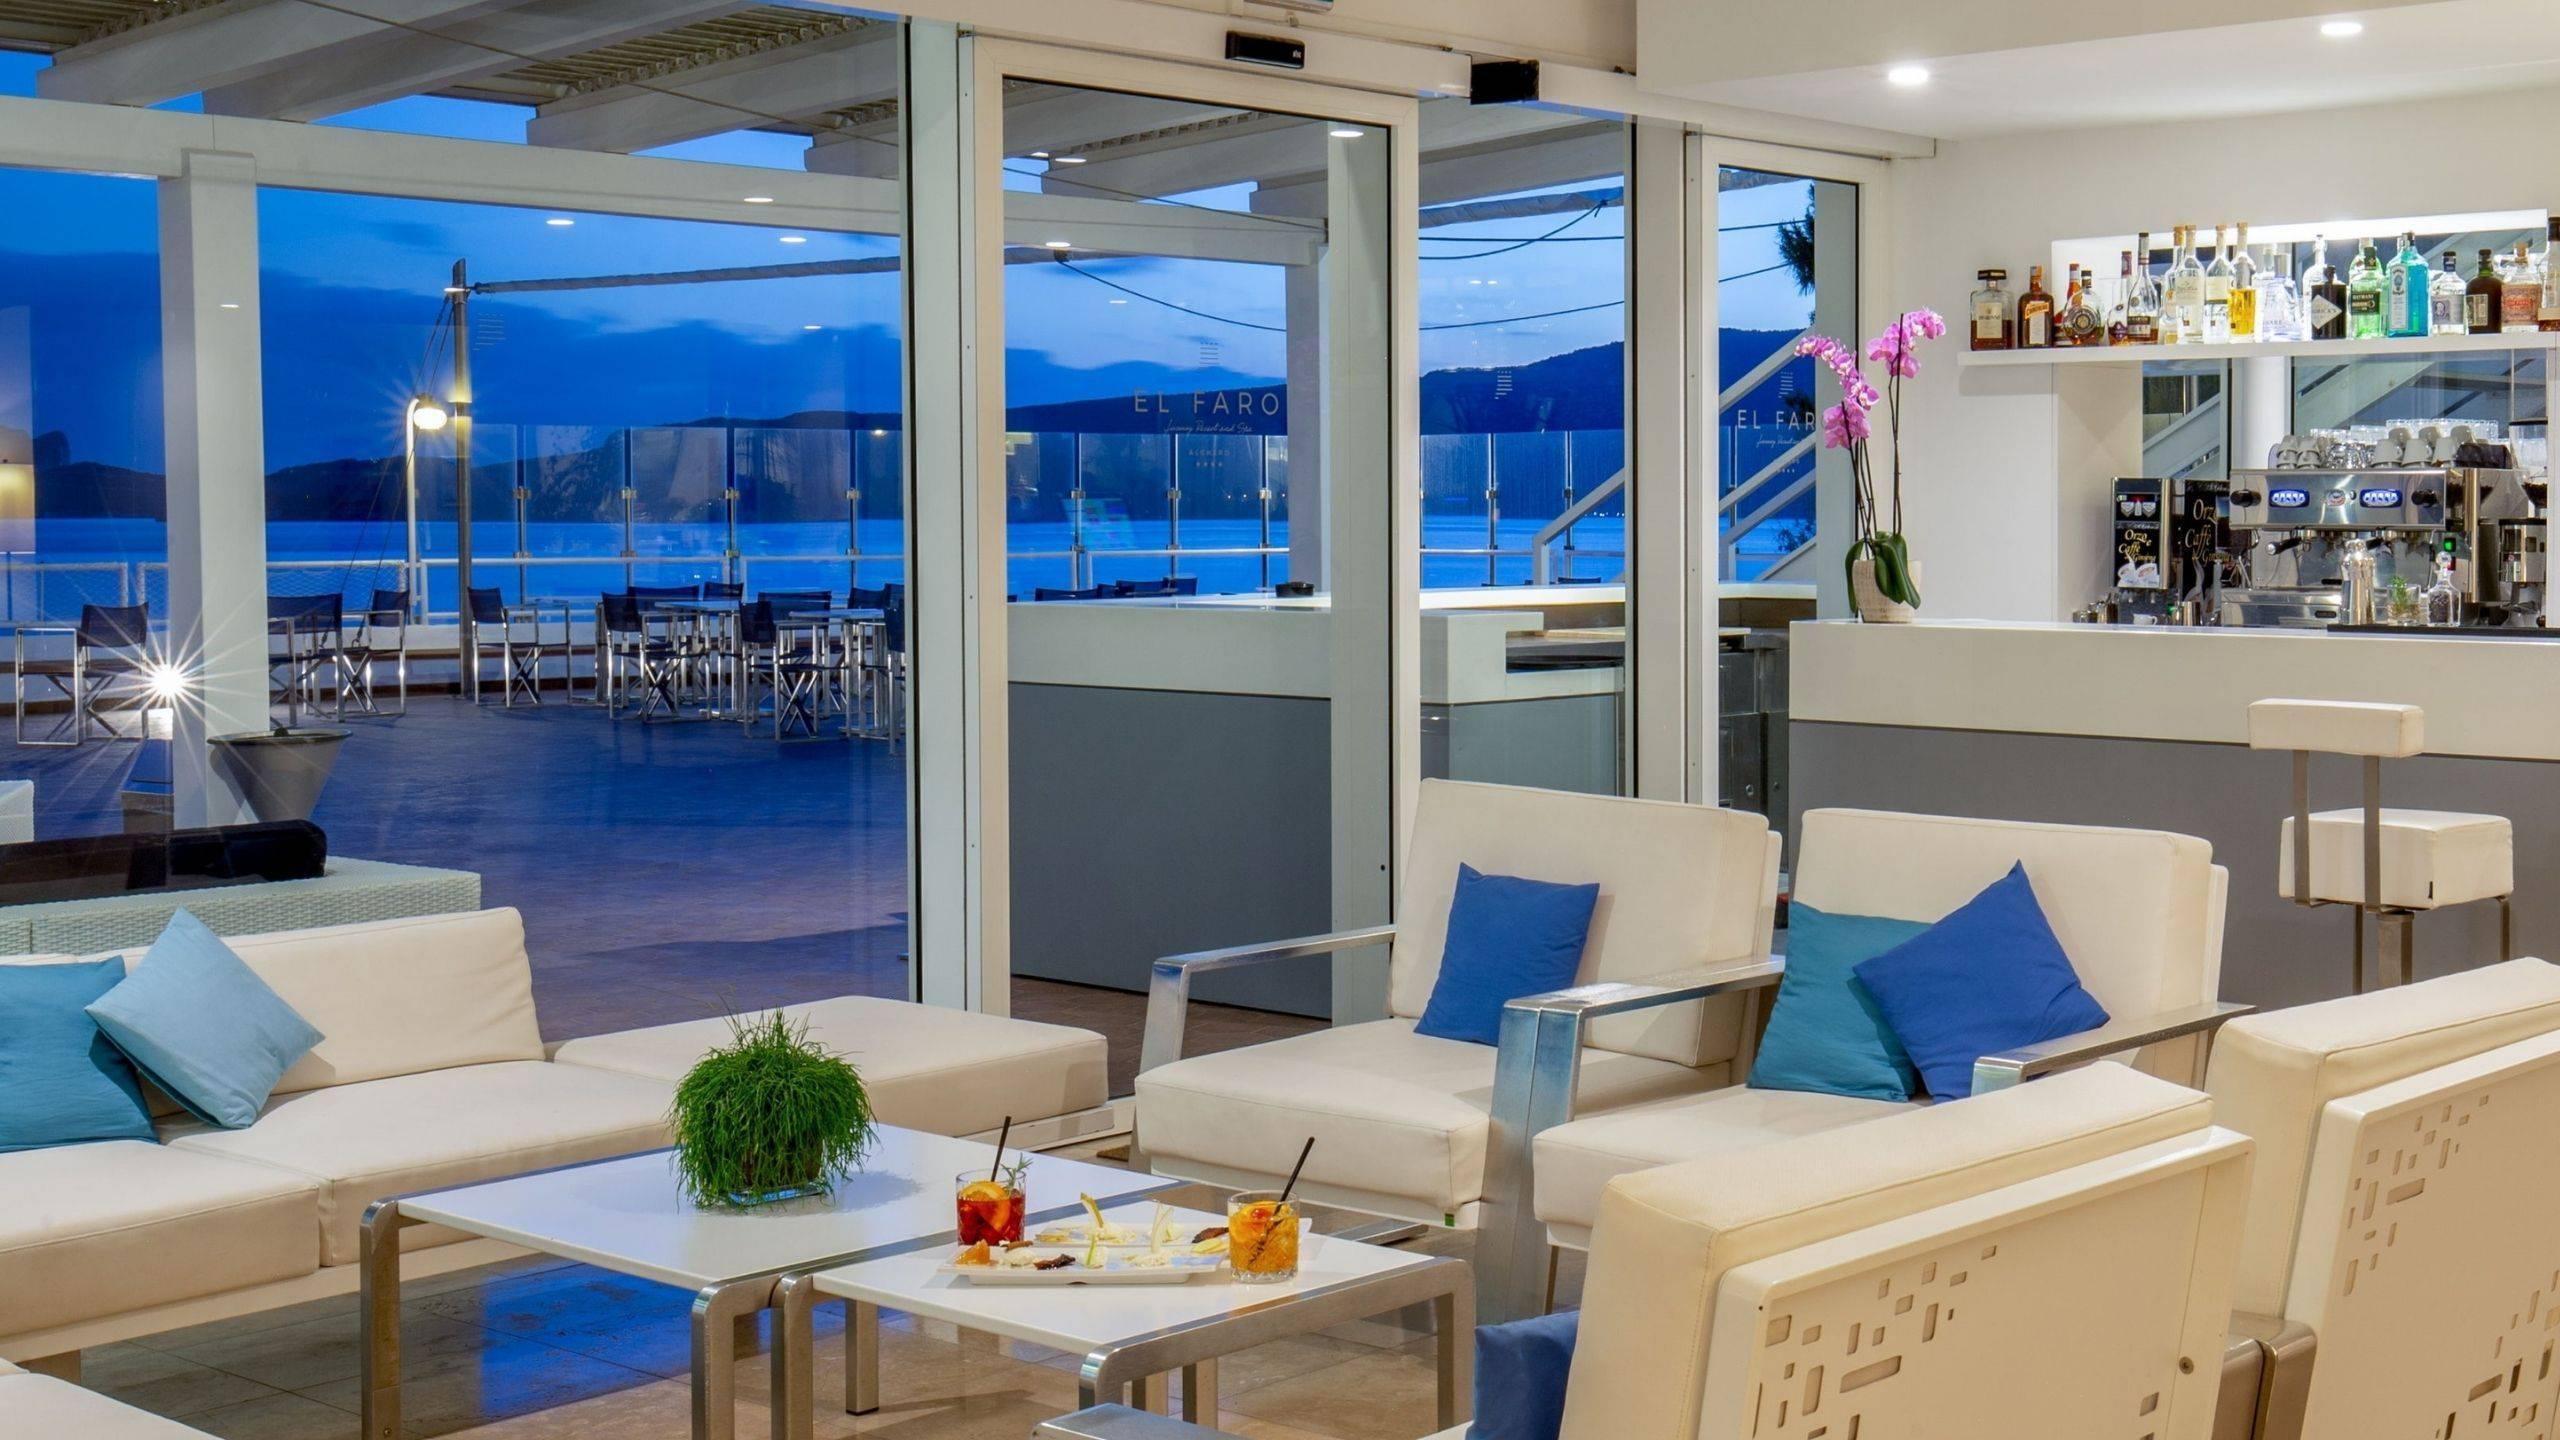 Hotel-El-Faro-Alghero-Gallery-2021-terrazza-aperitivo-interno